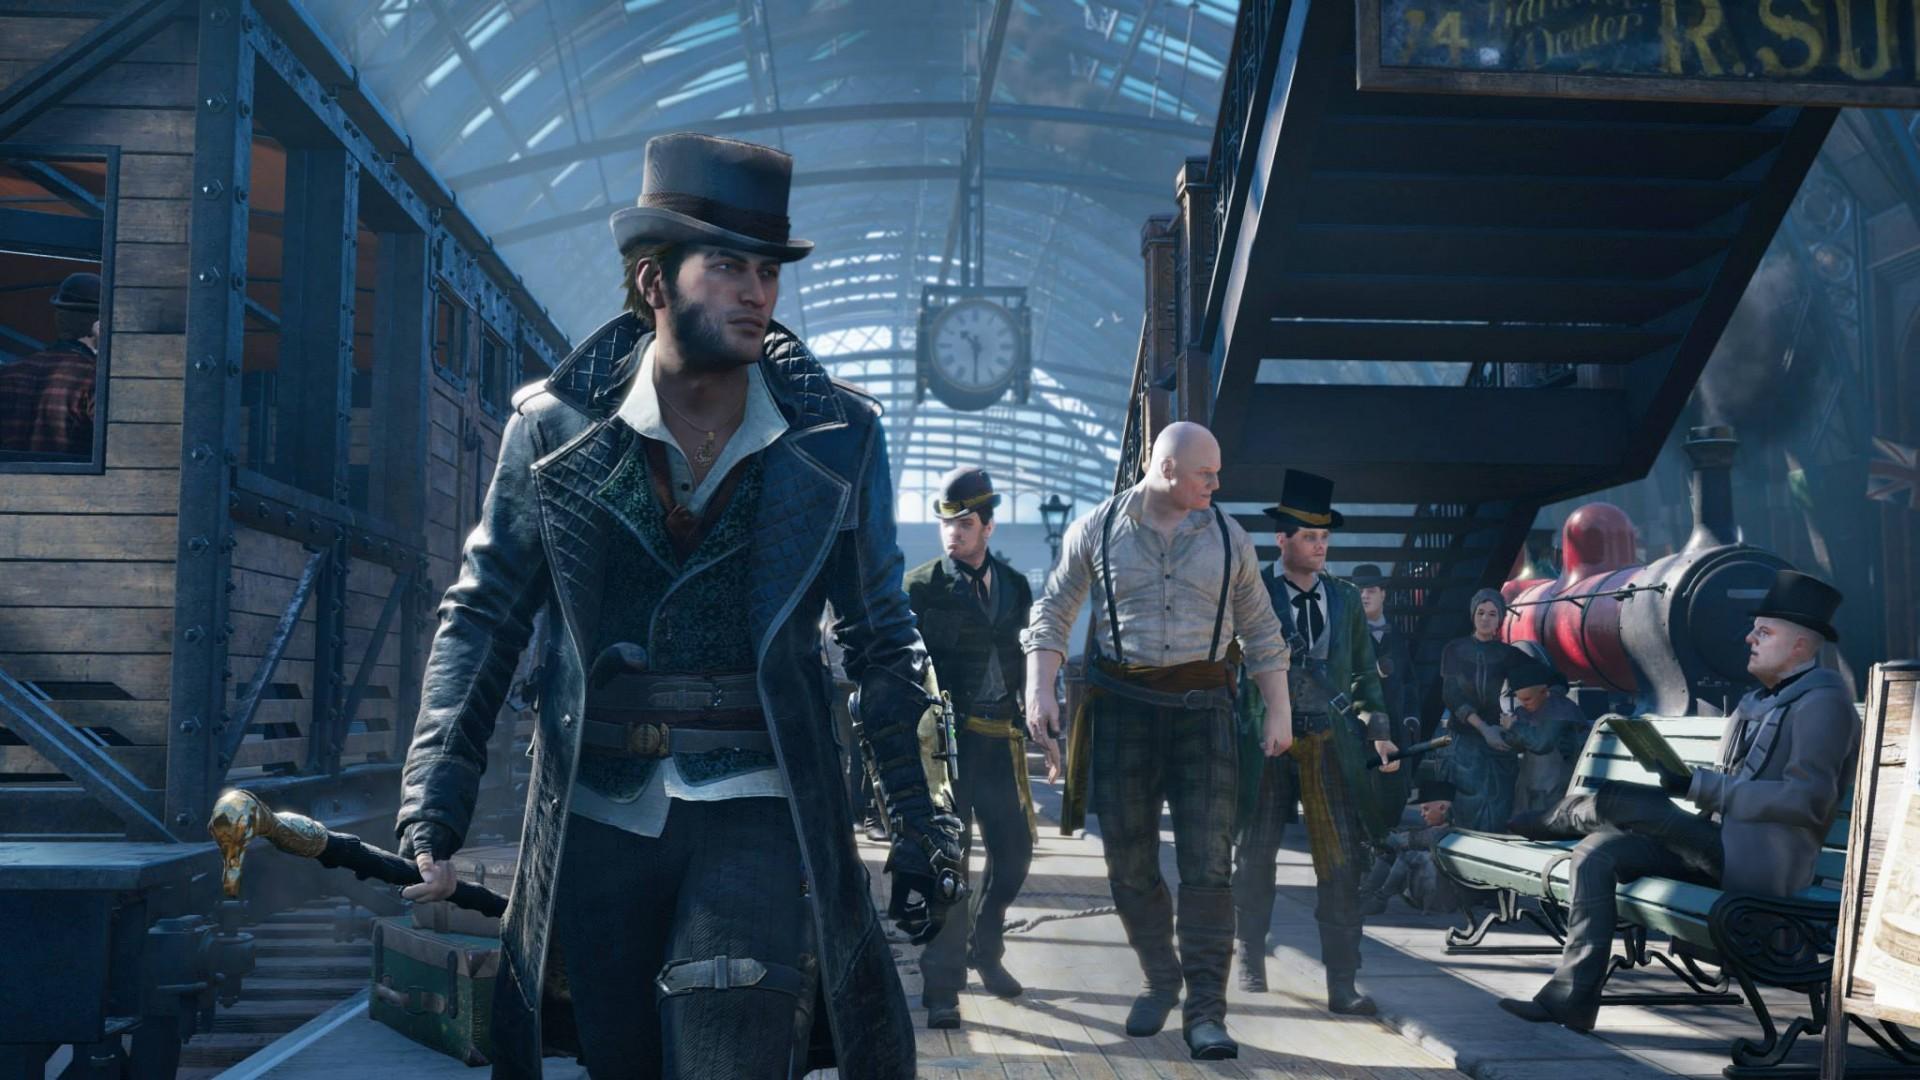 تریلر سینماتیک Assassin's Creed Syndicate در E3 2015